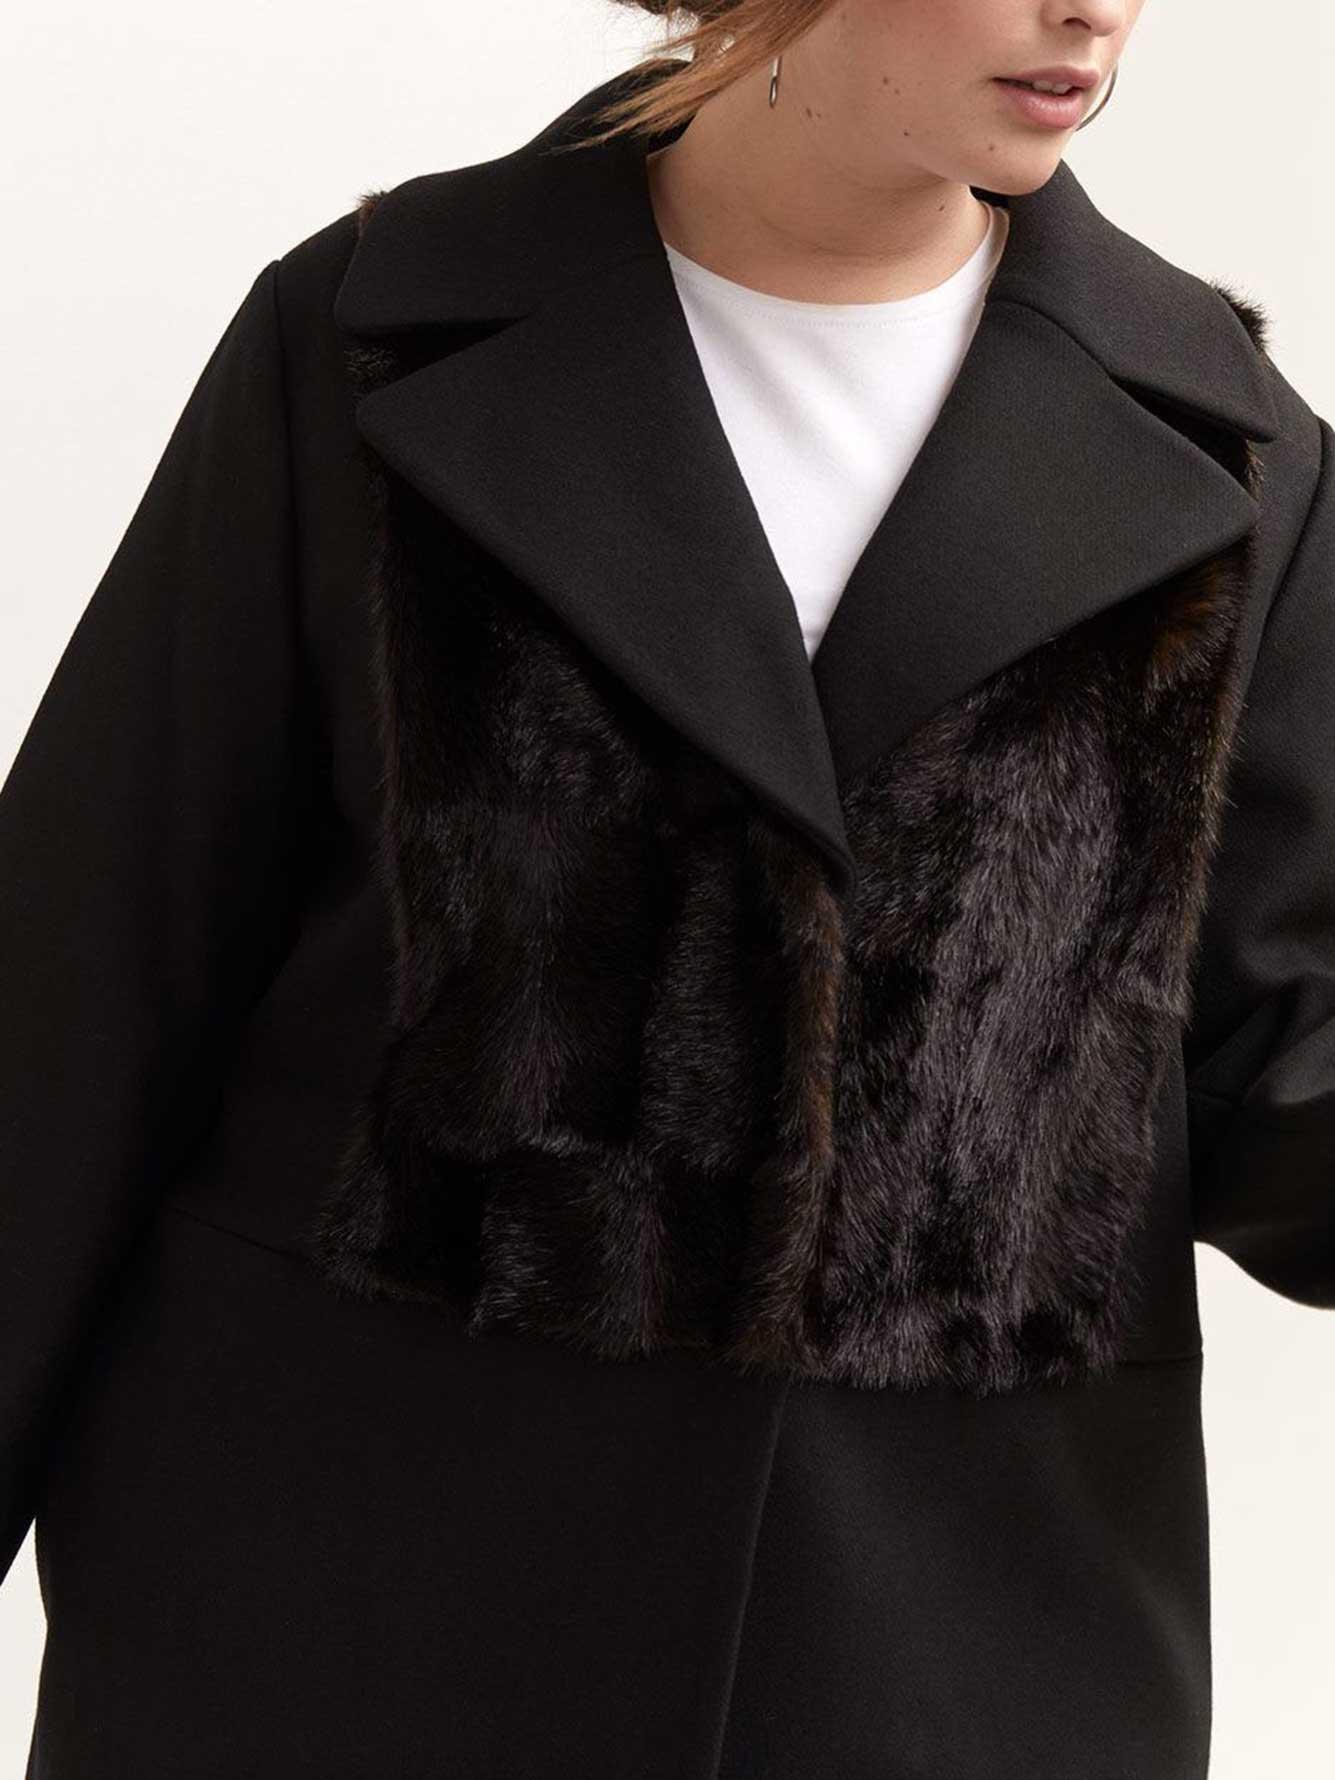 Coat with Faux Fur Applique - RACHEL by Rachel Roy